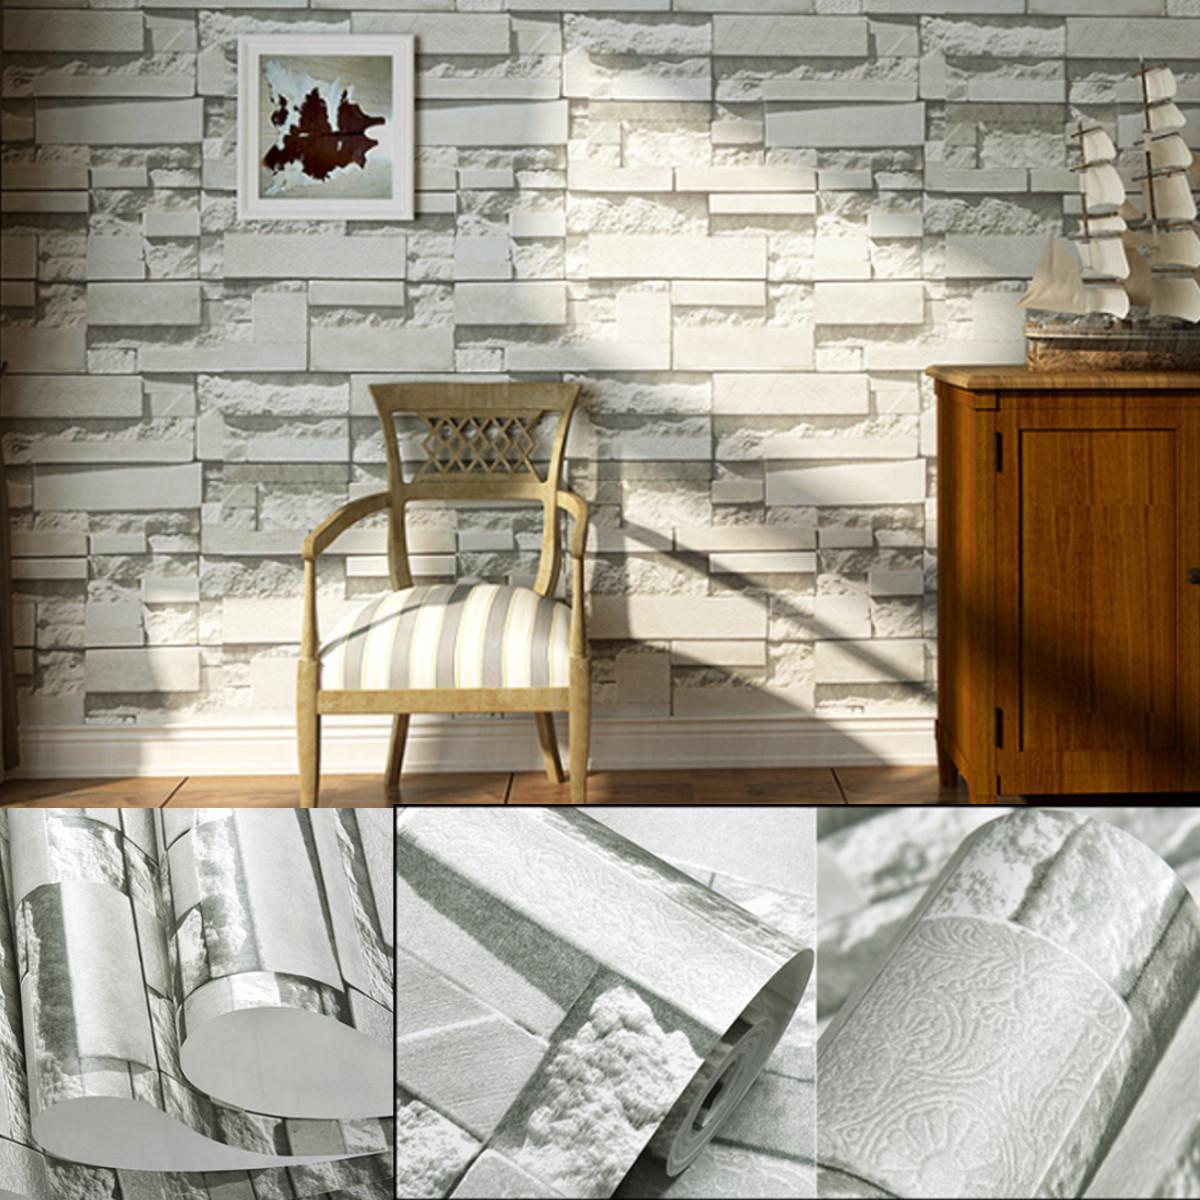 3d brique papier peint fond tv mur wallpaper decor salon chambre h tel achat vente. Black Bedroom Furniture Sets. Home Design Ideas